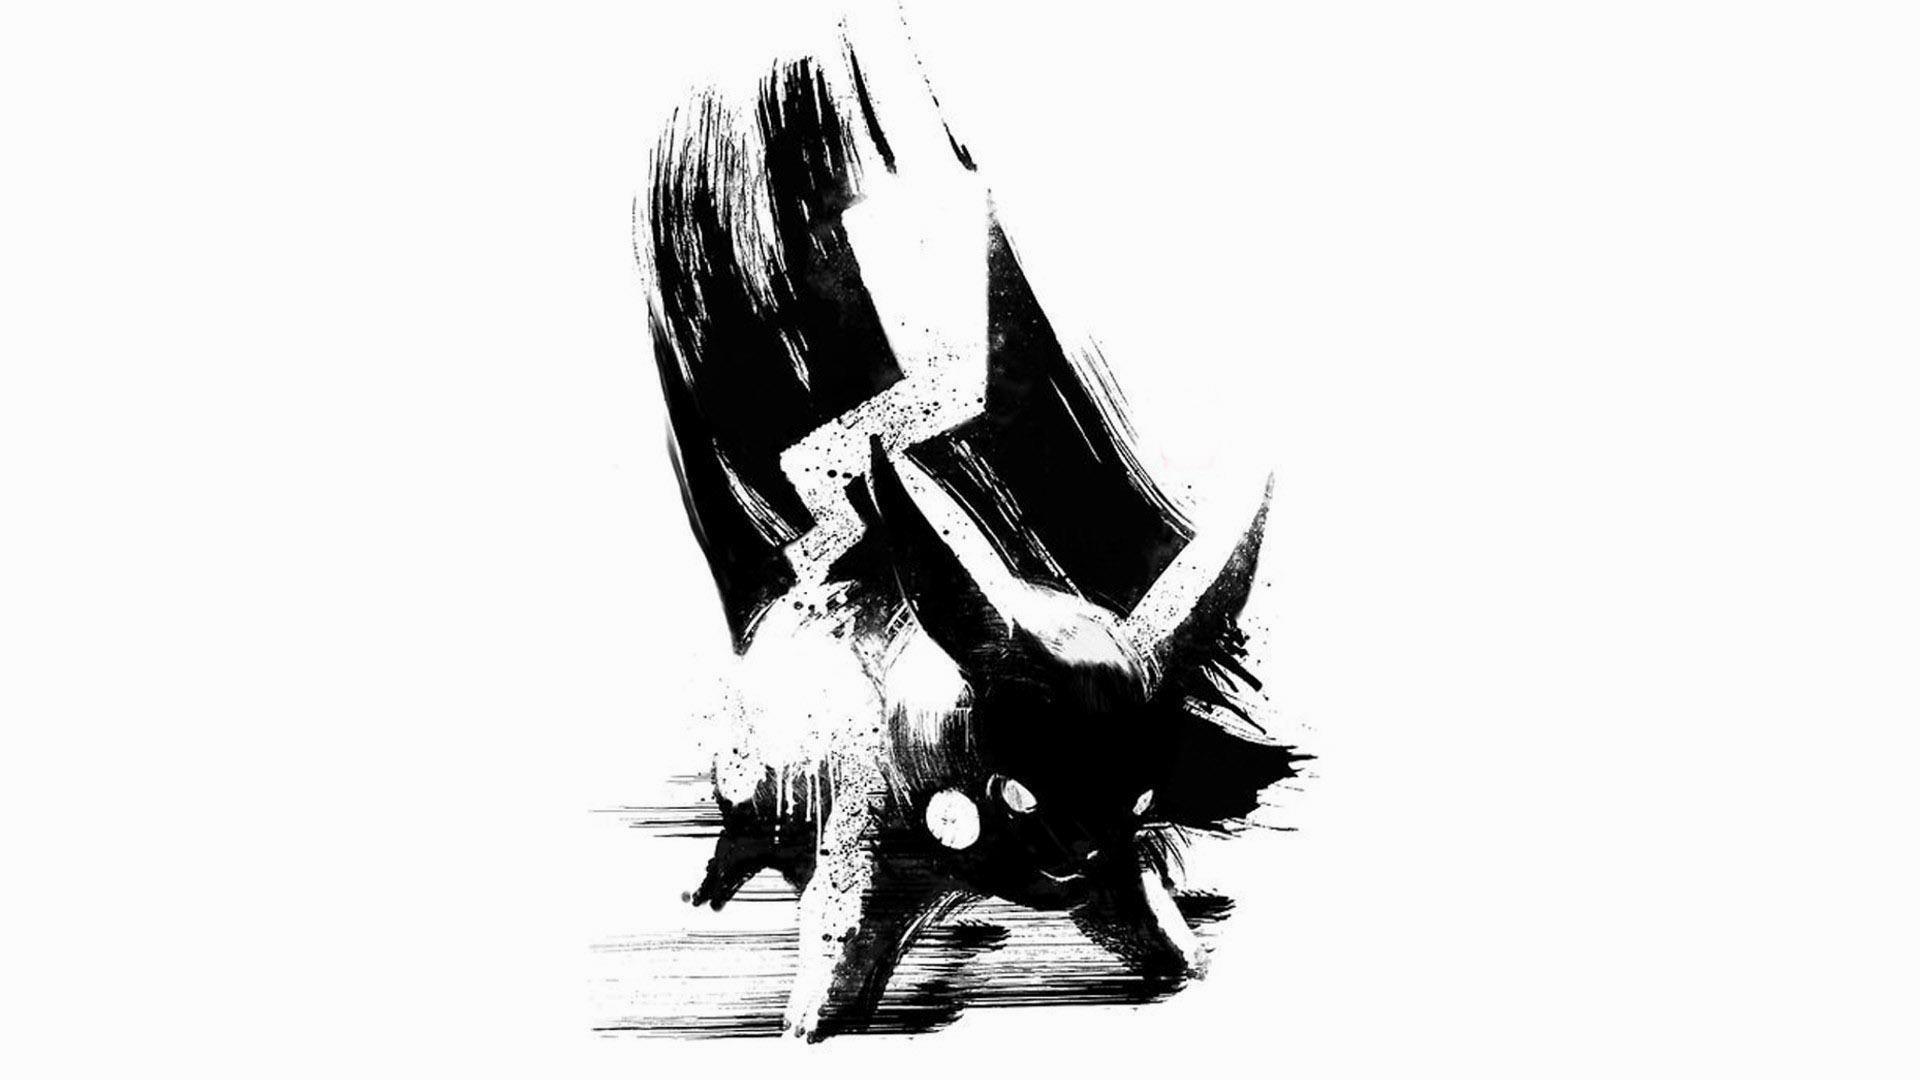 Pokemon-Black-and-White-Pickachu-Wallpaper